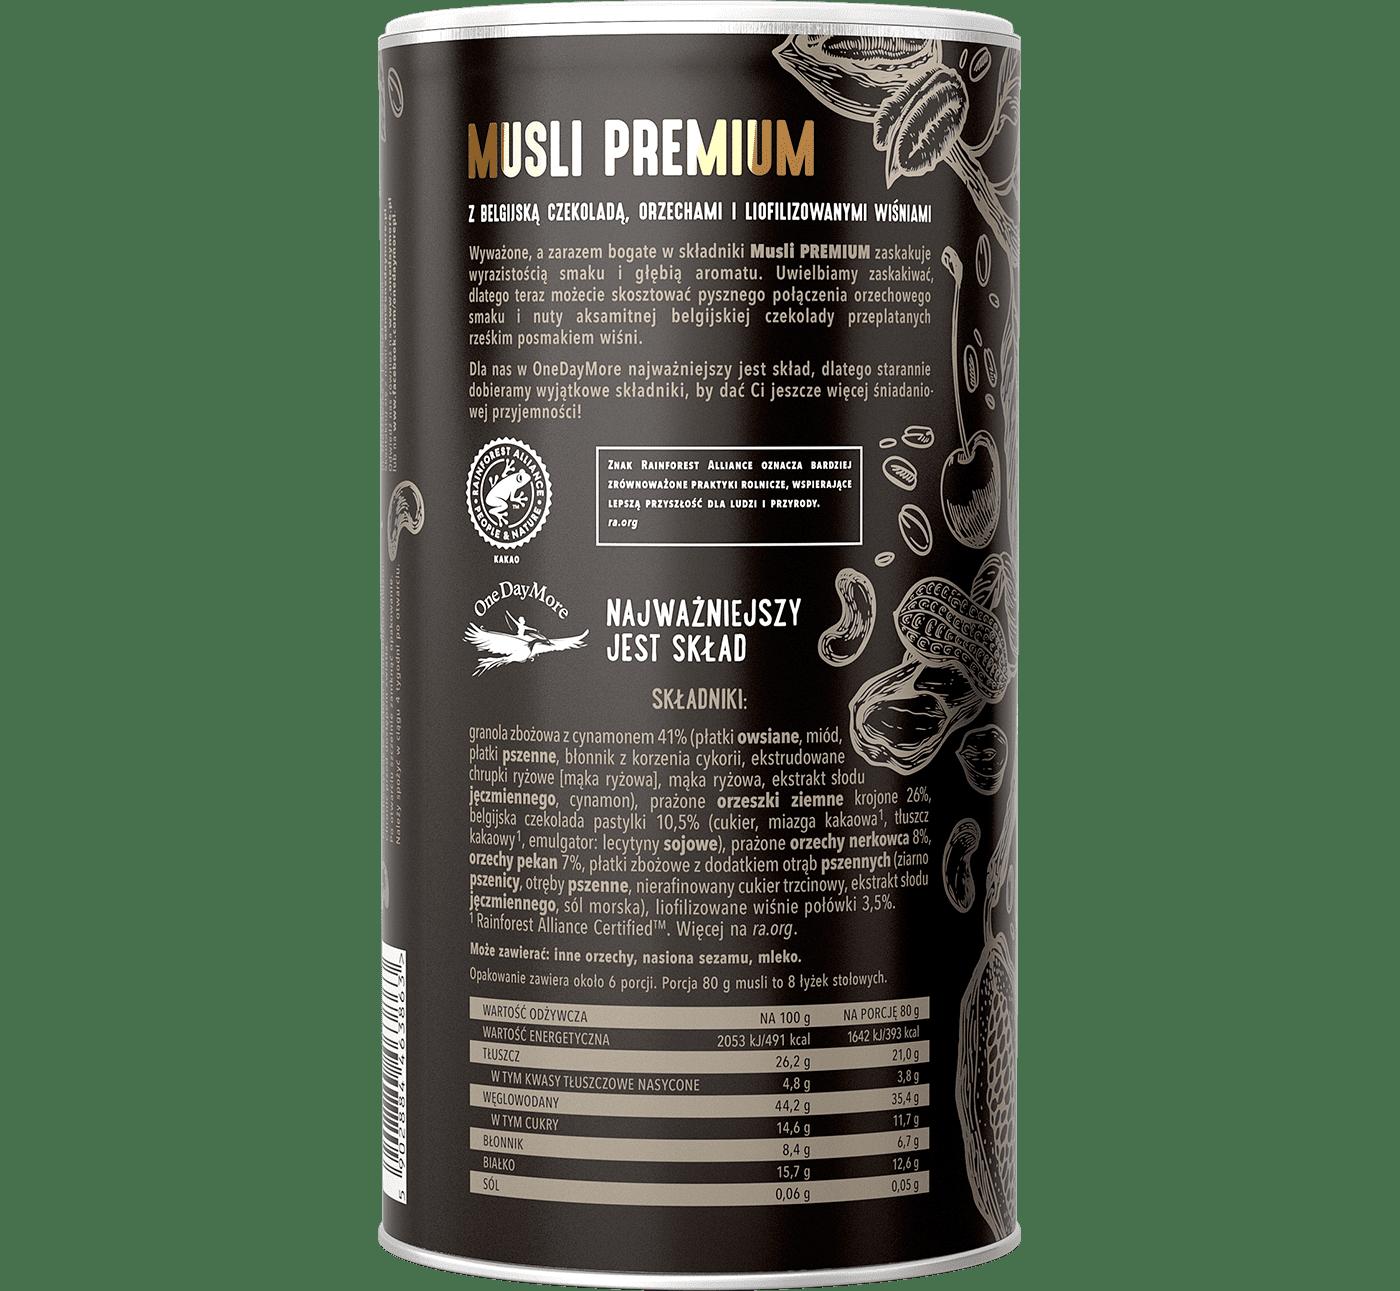 musli-premium-belg-czeko-onedaymore-tyl-1400×1291